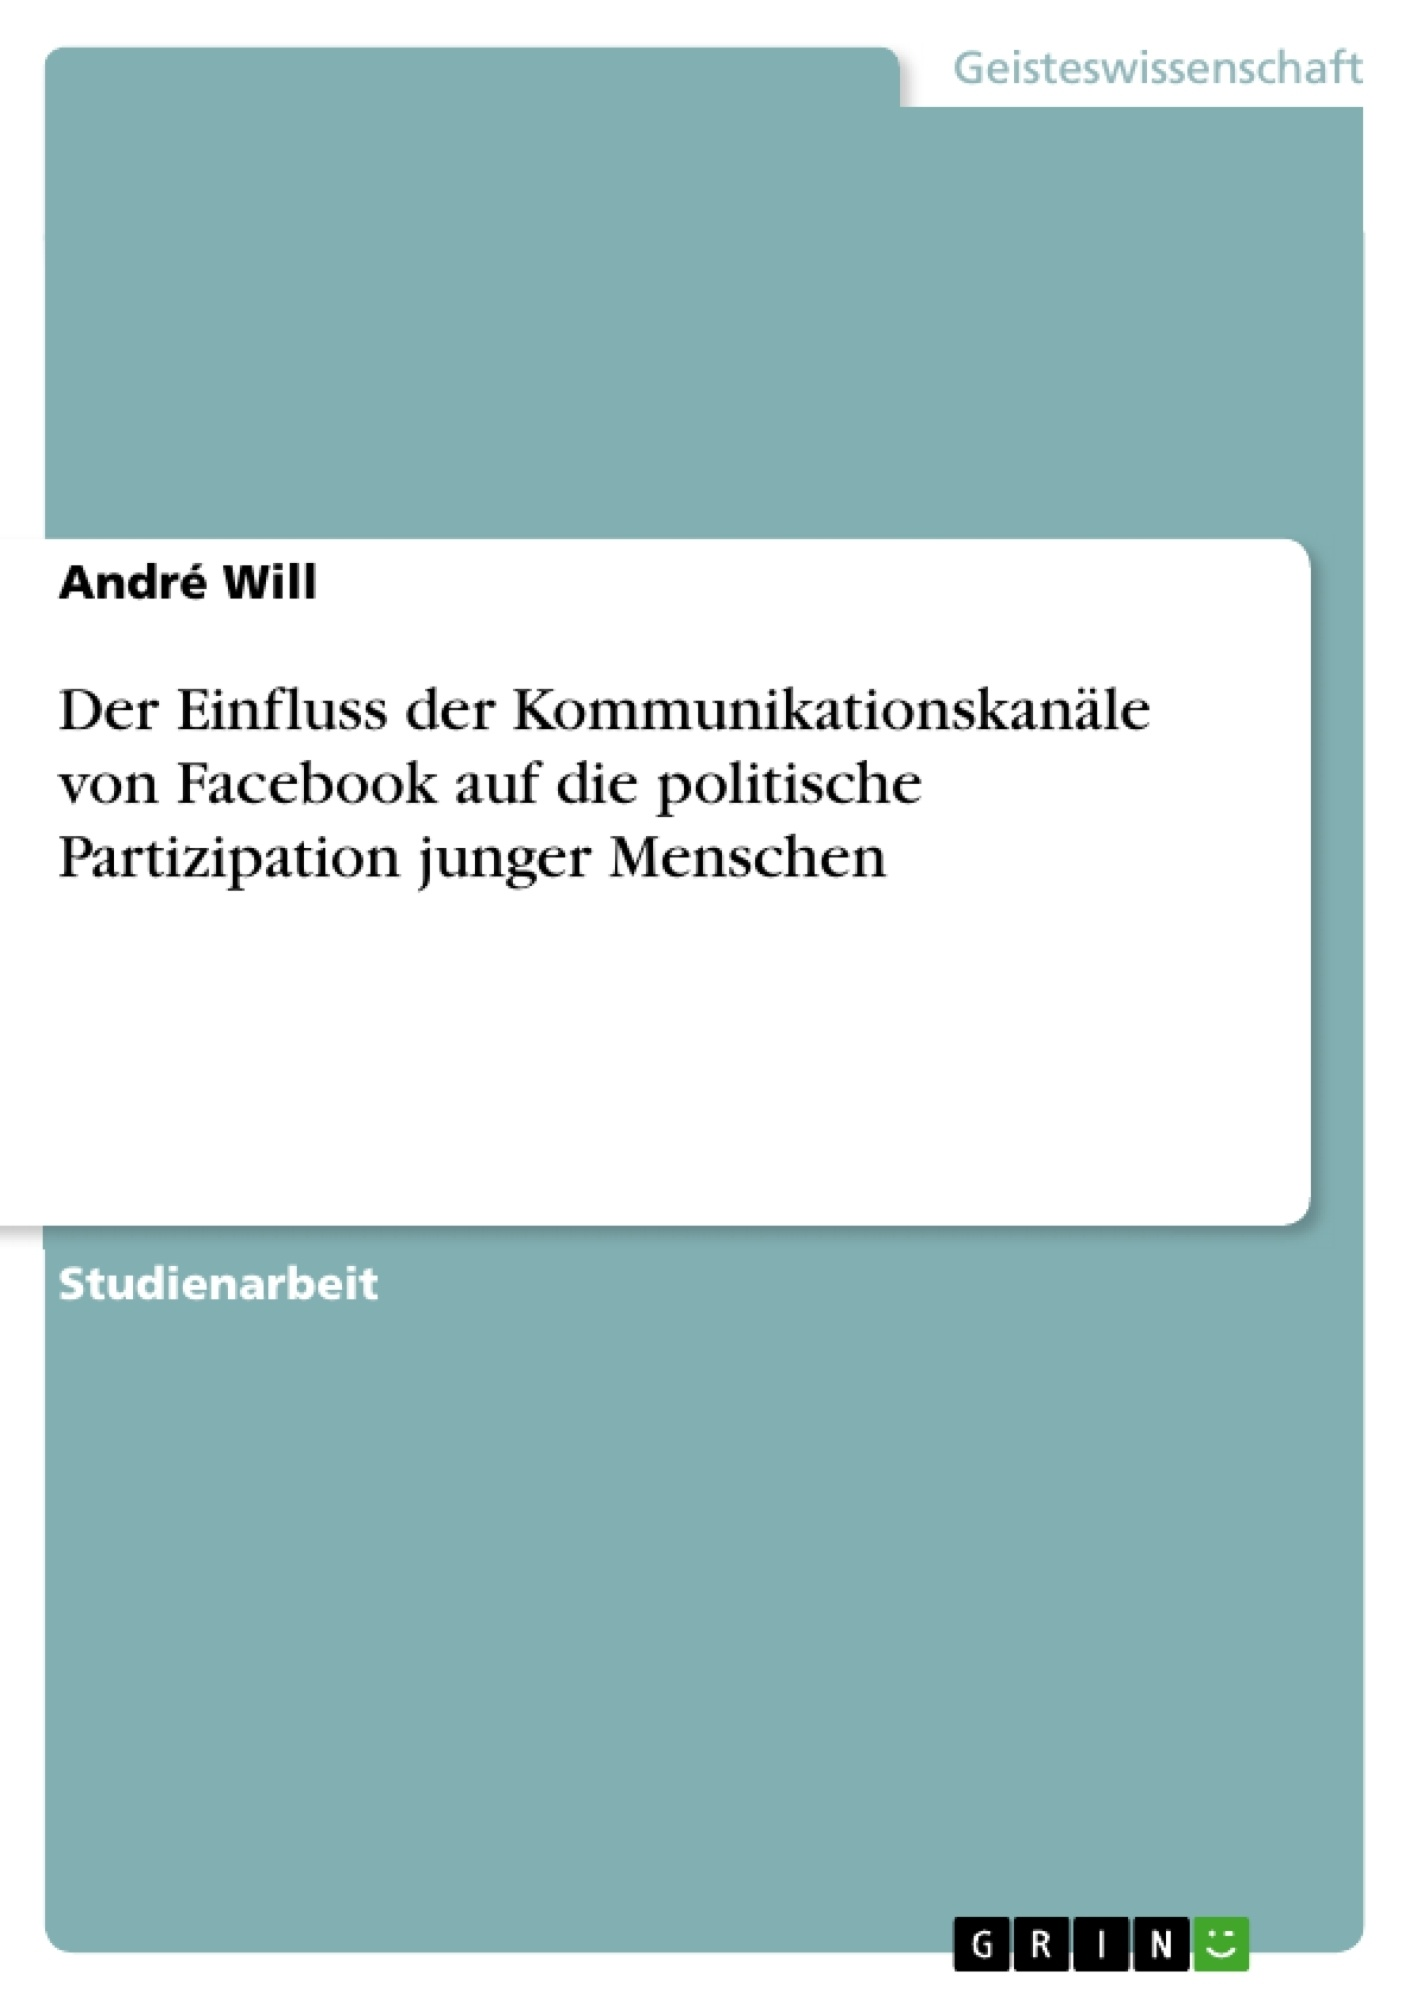 Titel: Der Einfluss der Kommunikationskanäle von Facebook auf die politische Partizipation junger Menschen